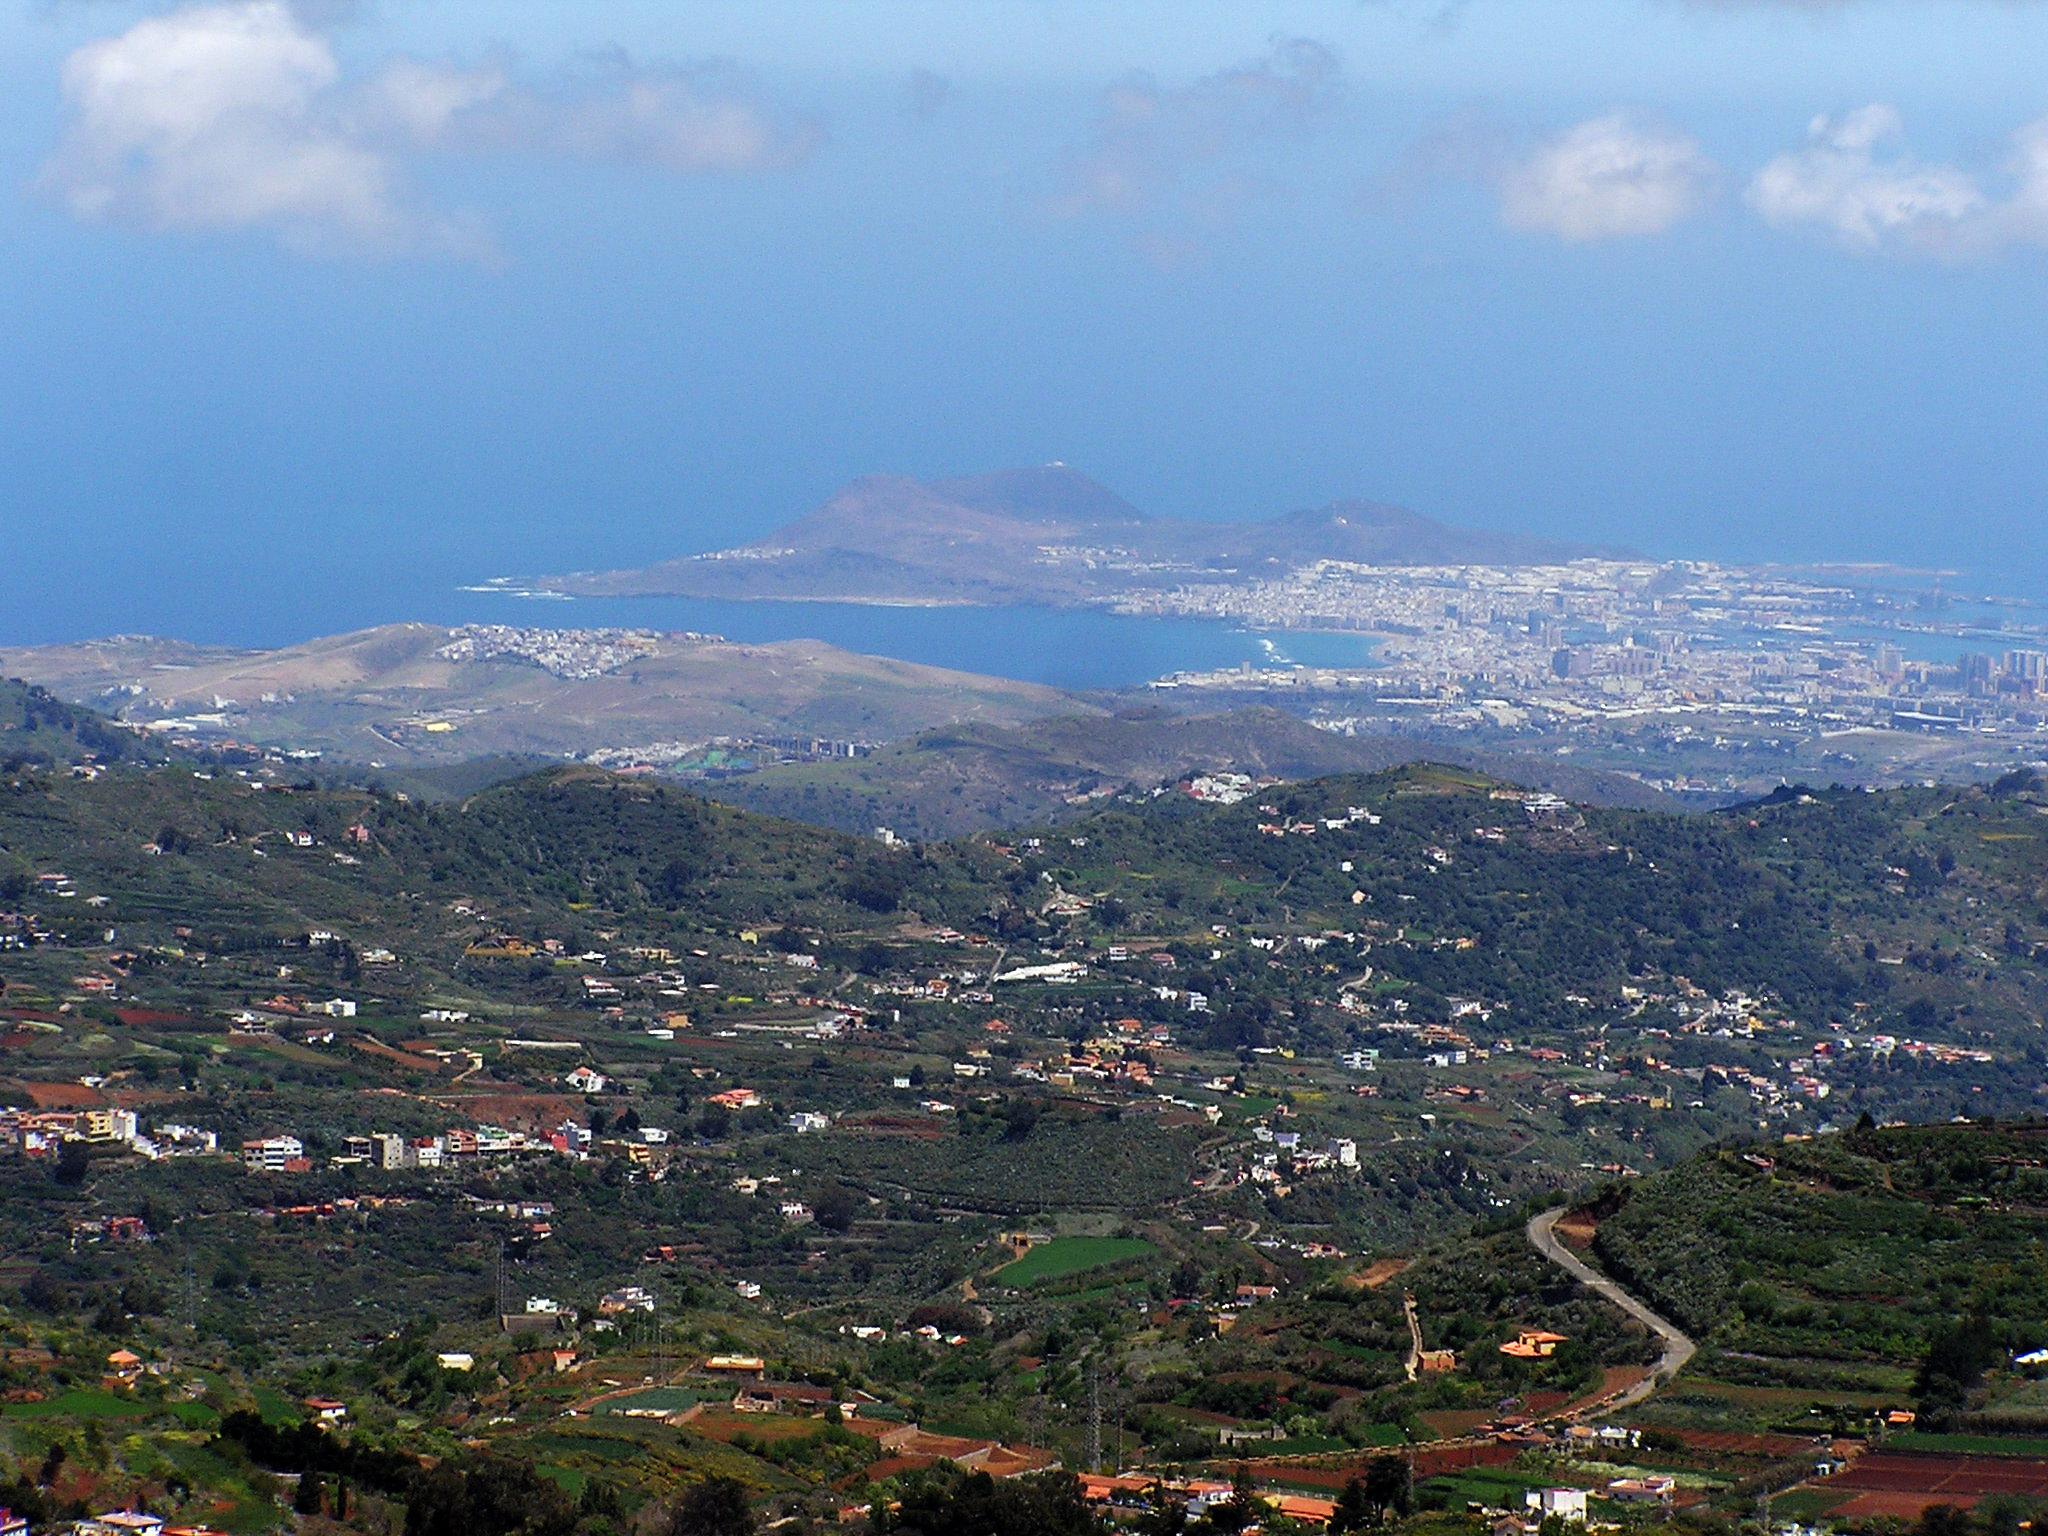 Vista de Las Palmas de Gran Canaria